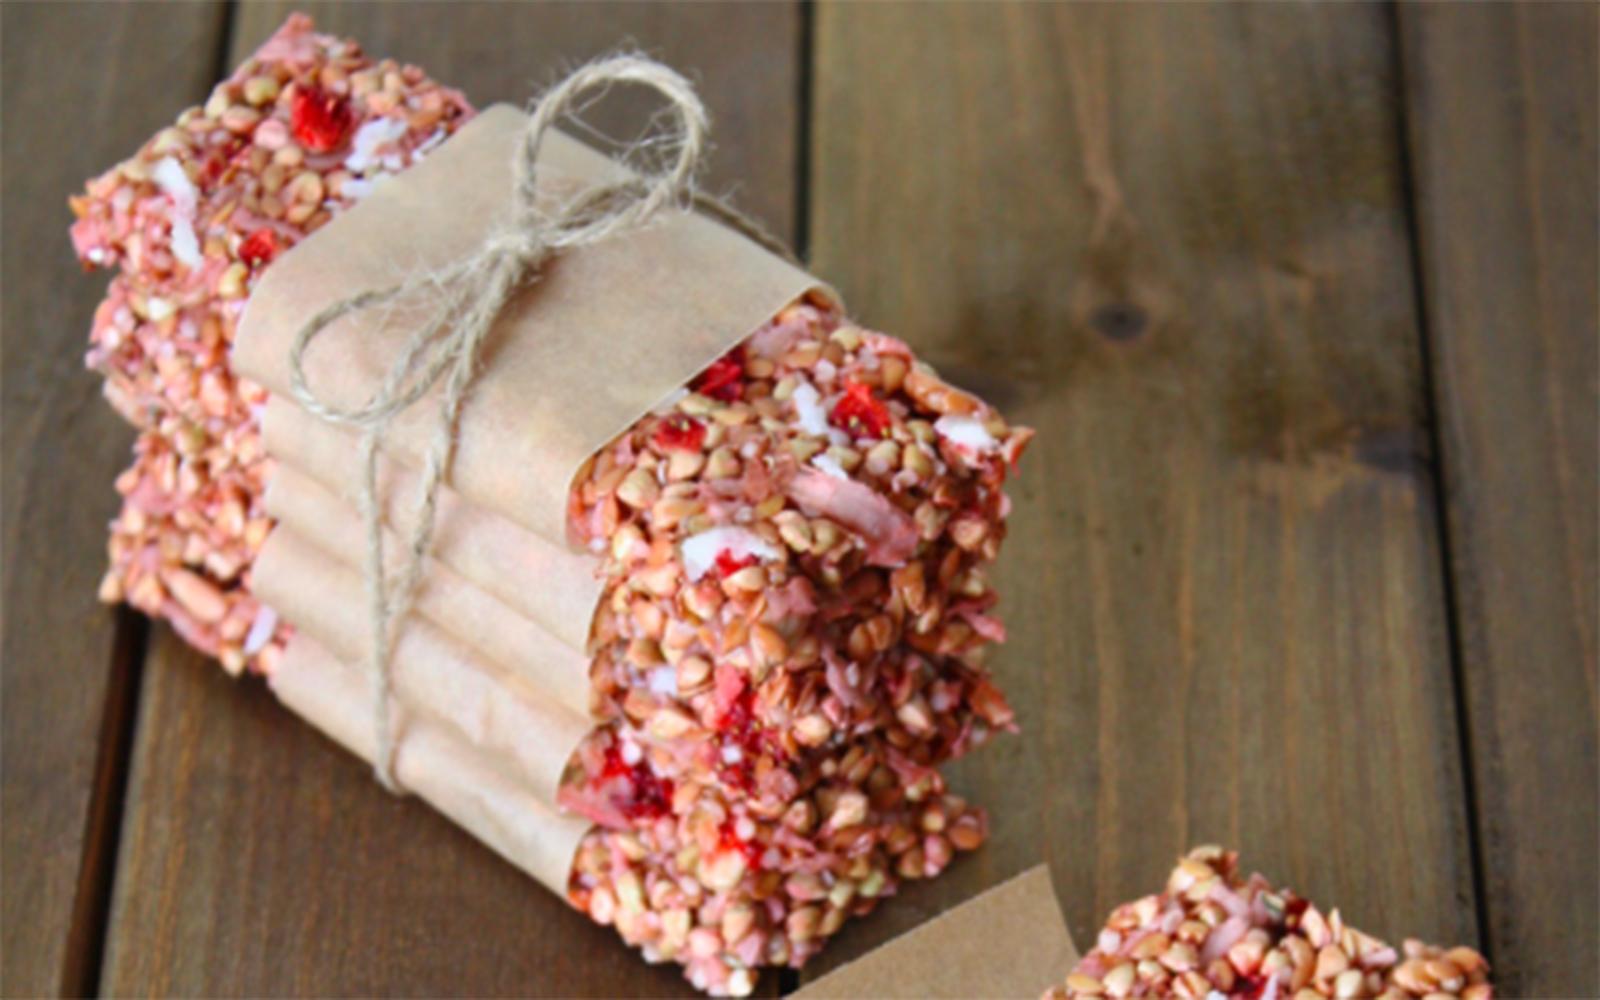 Strawberry Coconut Granola Bars